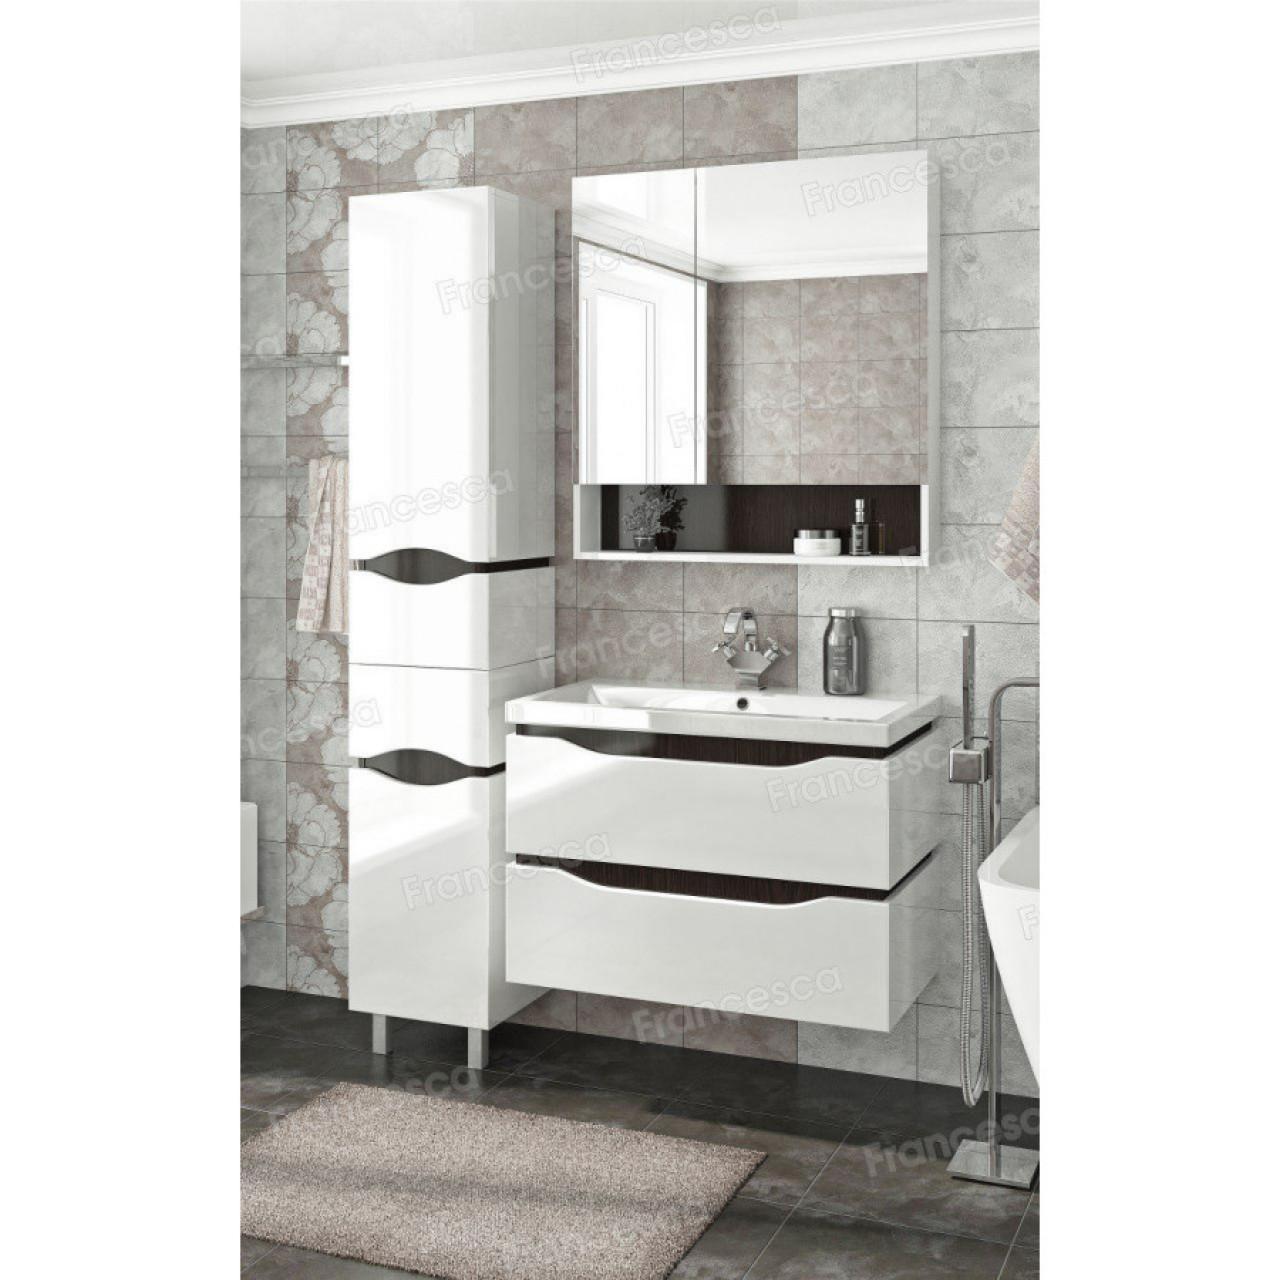 Комплект мебели Francesca Latina 80 подвесной белый-венге купить в Москве по цене от 38520р. в интернет-магазине mebel-v-vannu.ru